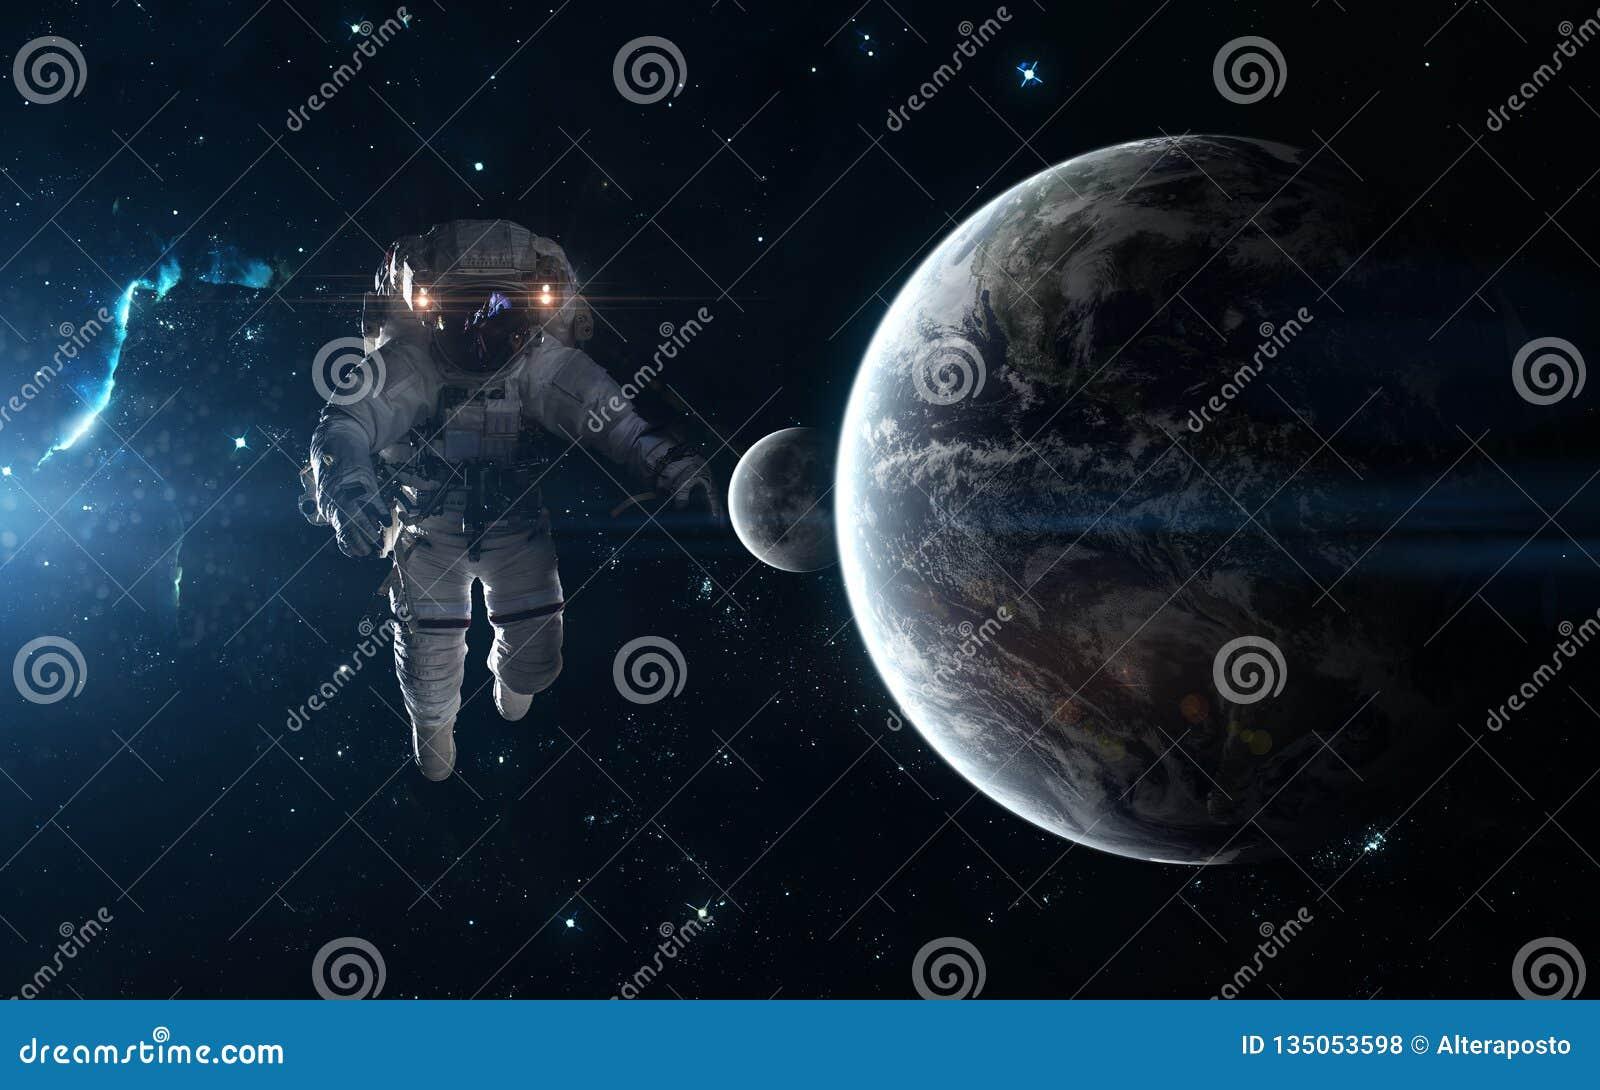 Обои астронавт, земля. Фантастика foto 16